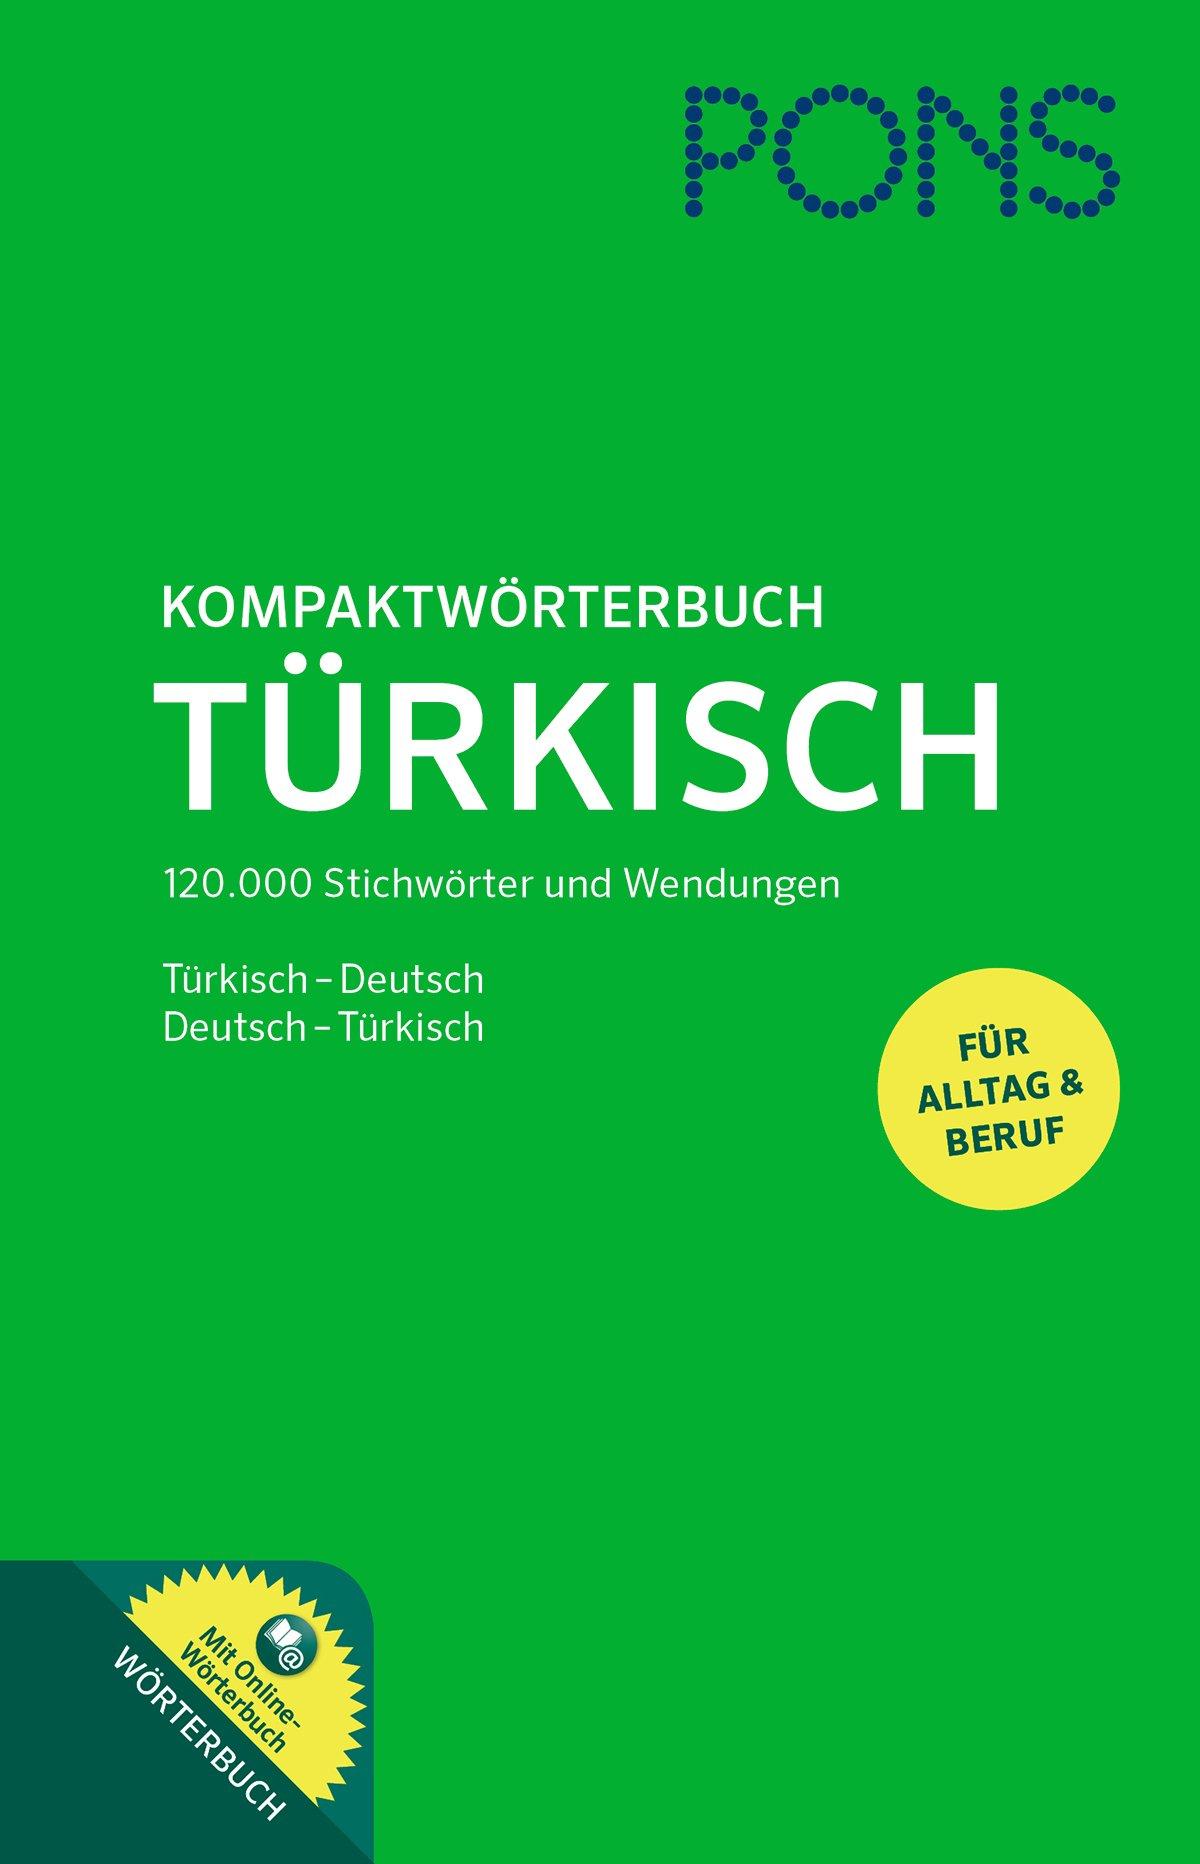 kennenlernen - Rumänisch Übersetzung - Deutsch Beispiele | Reverso Context